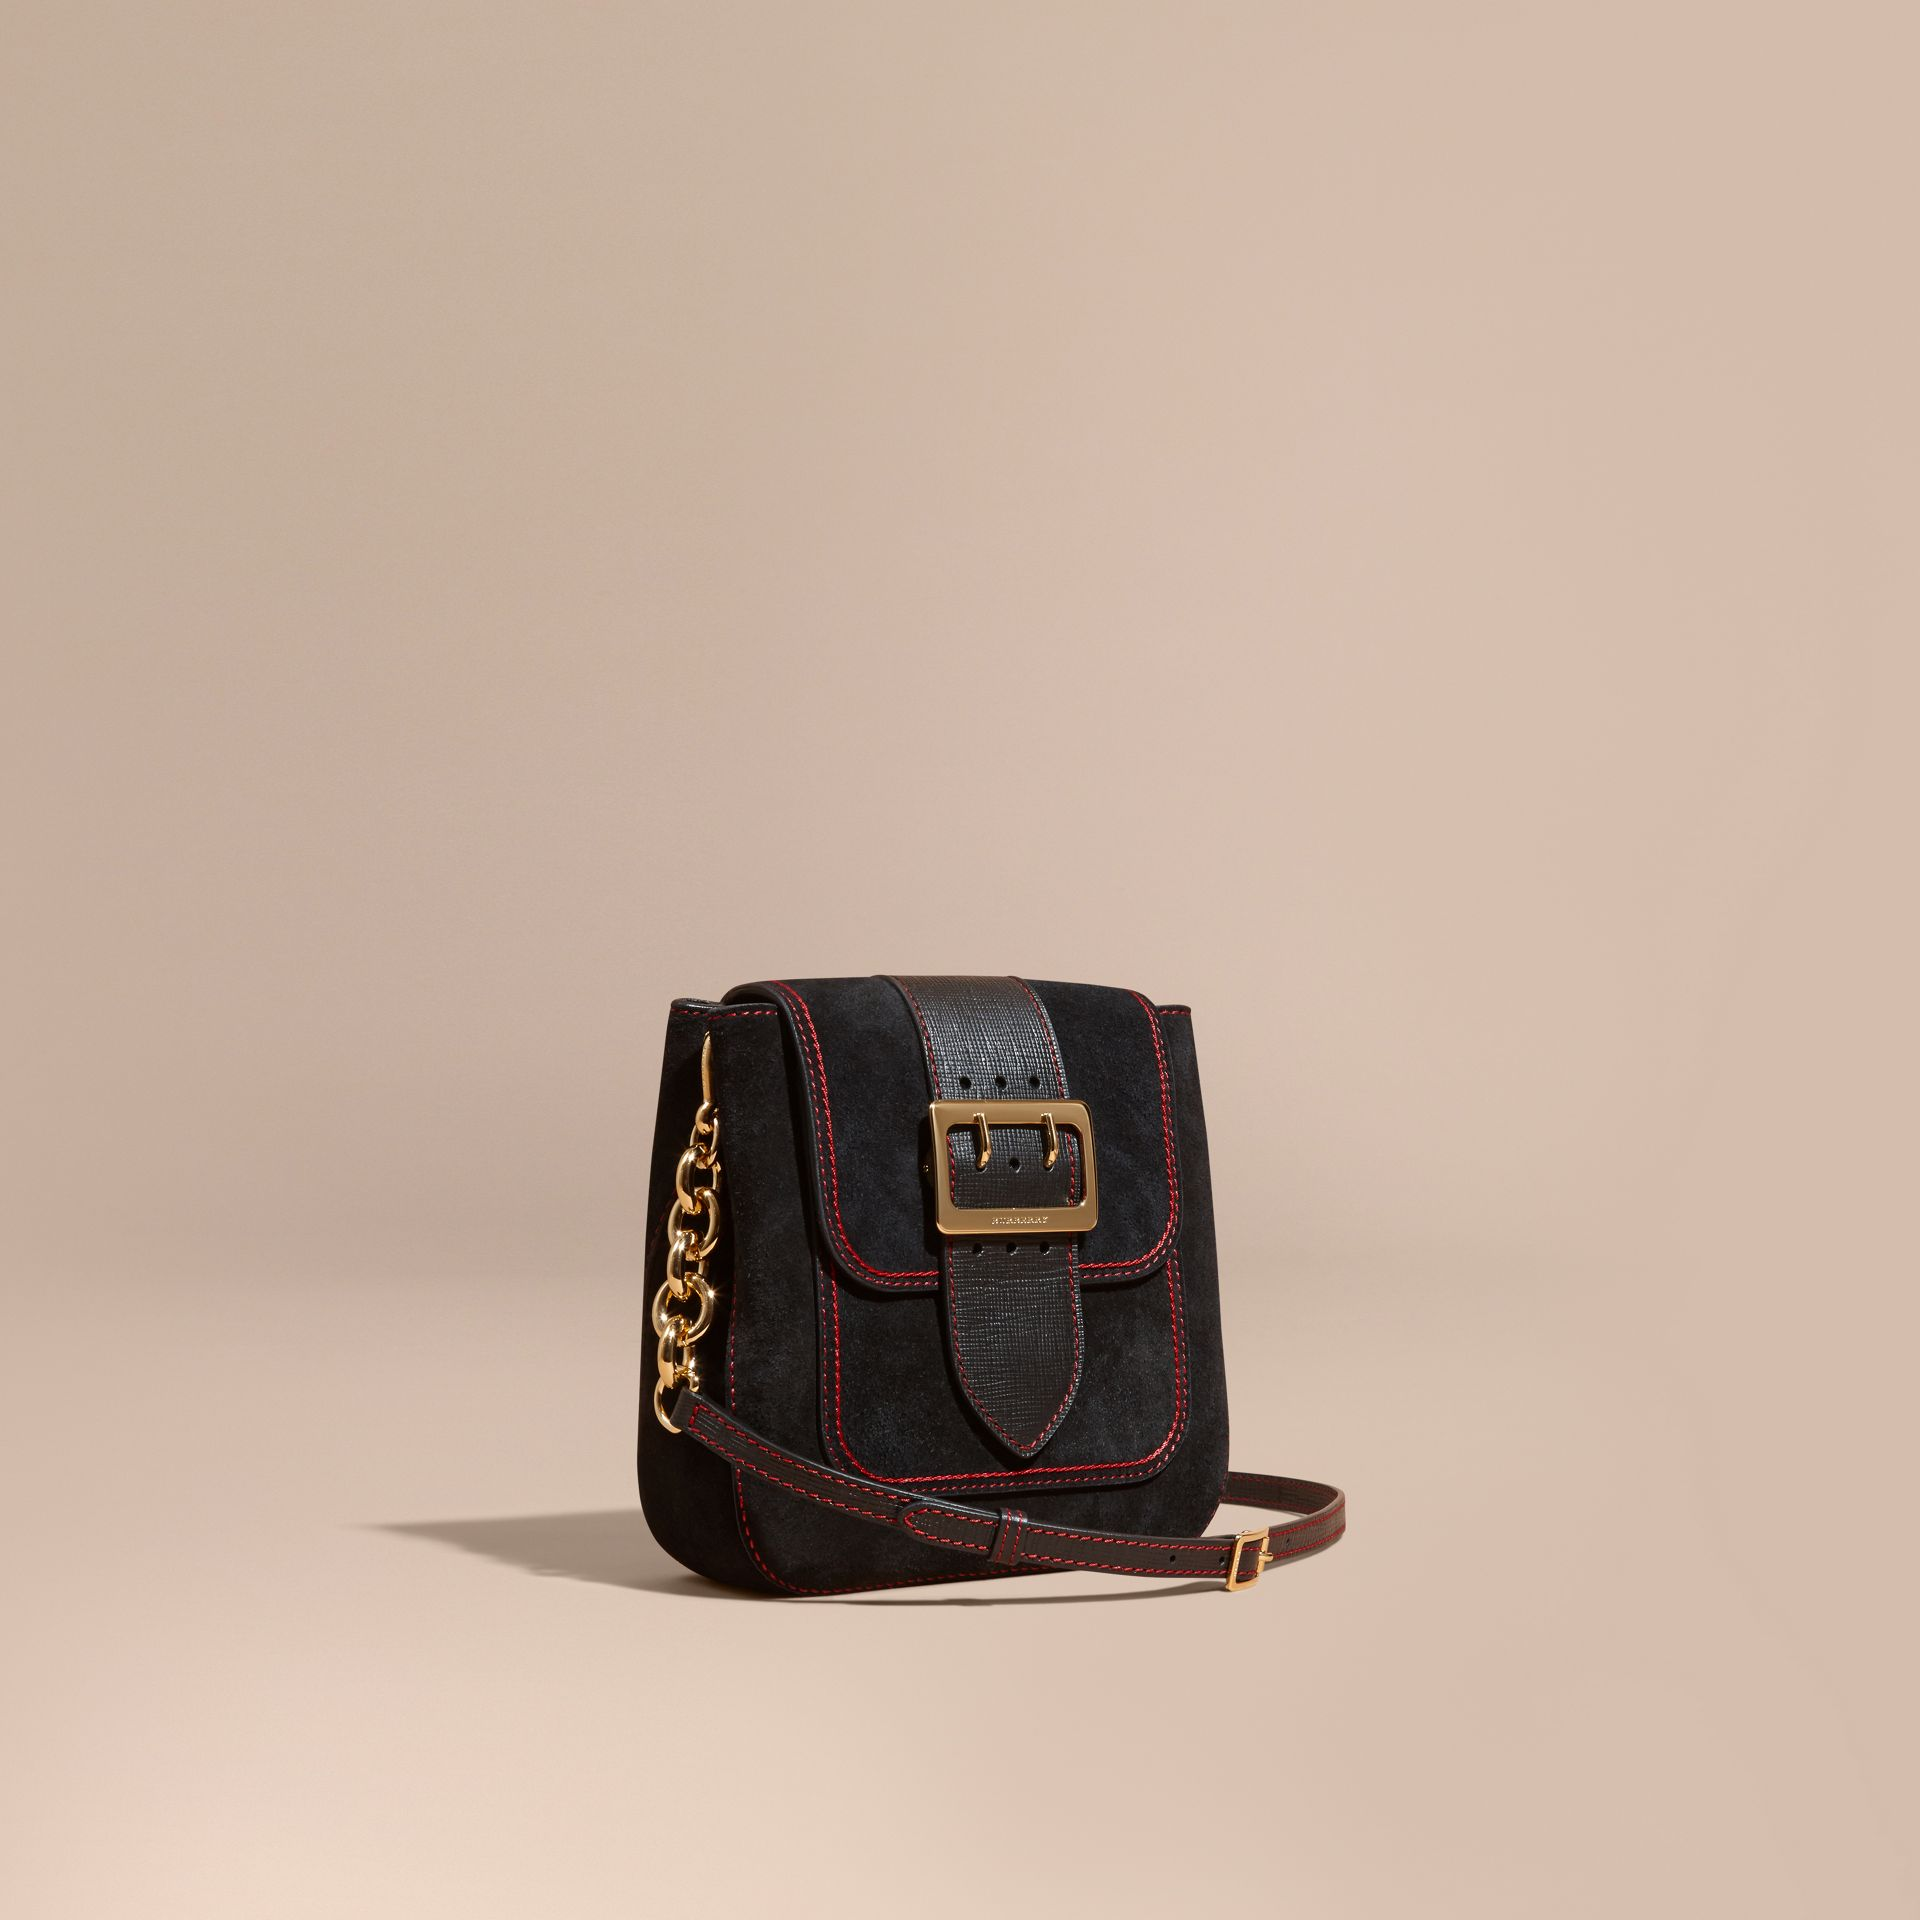 Noir Sac The Buckle medium carré en cuir velours anglais et cuir - photo de la galerie 1